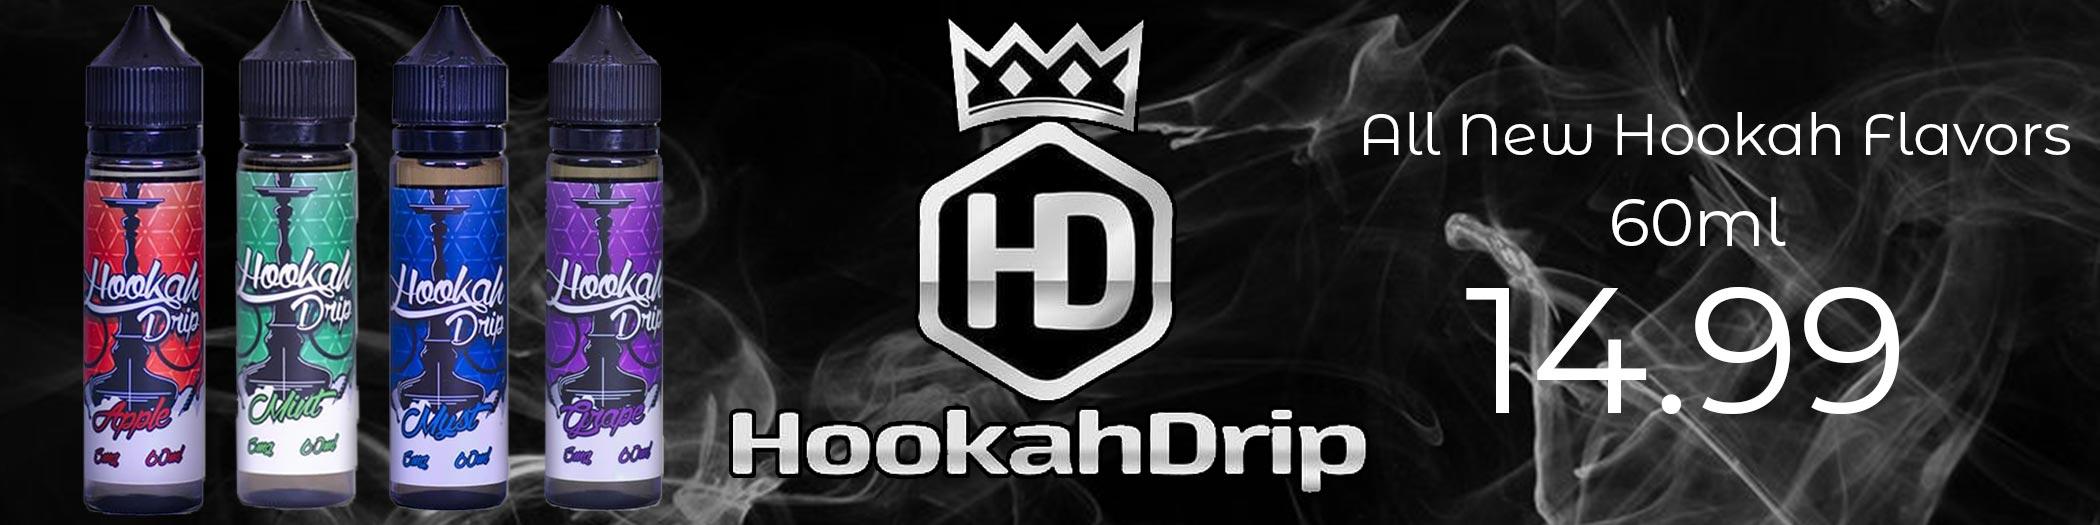 hookah-drip-banner-psd.jpg